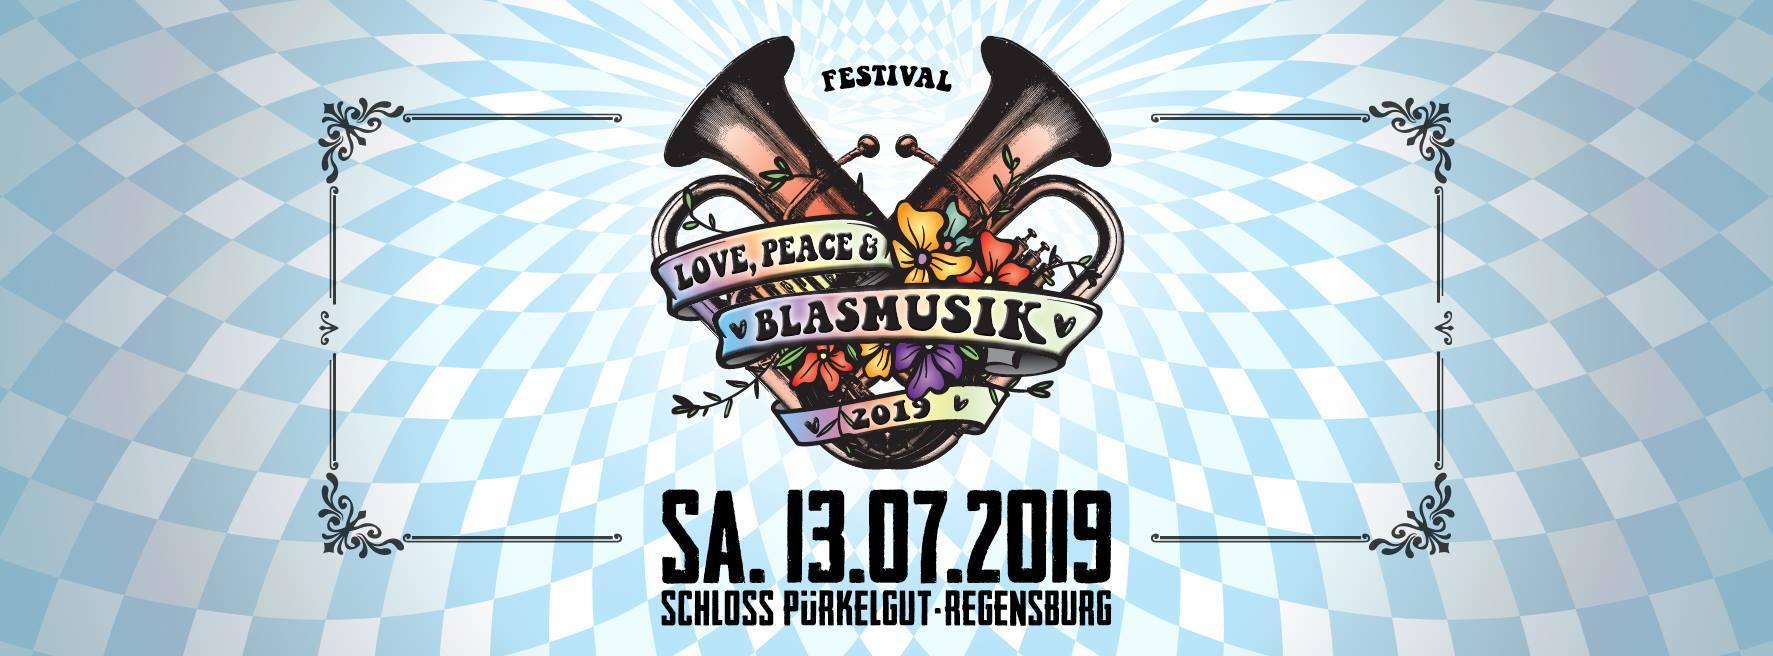 © lovepeaceundblasmusik.de